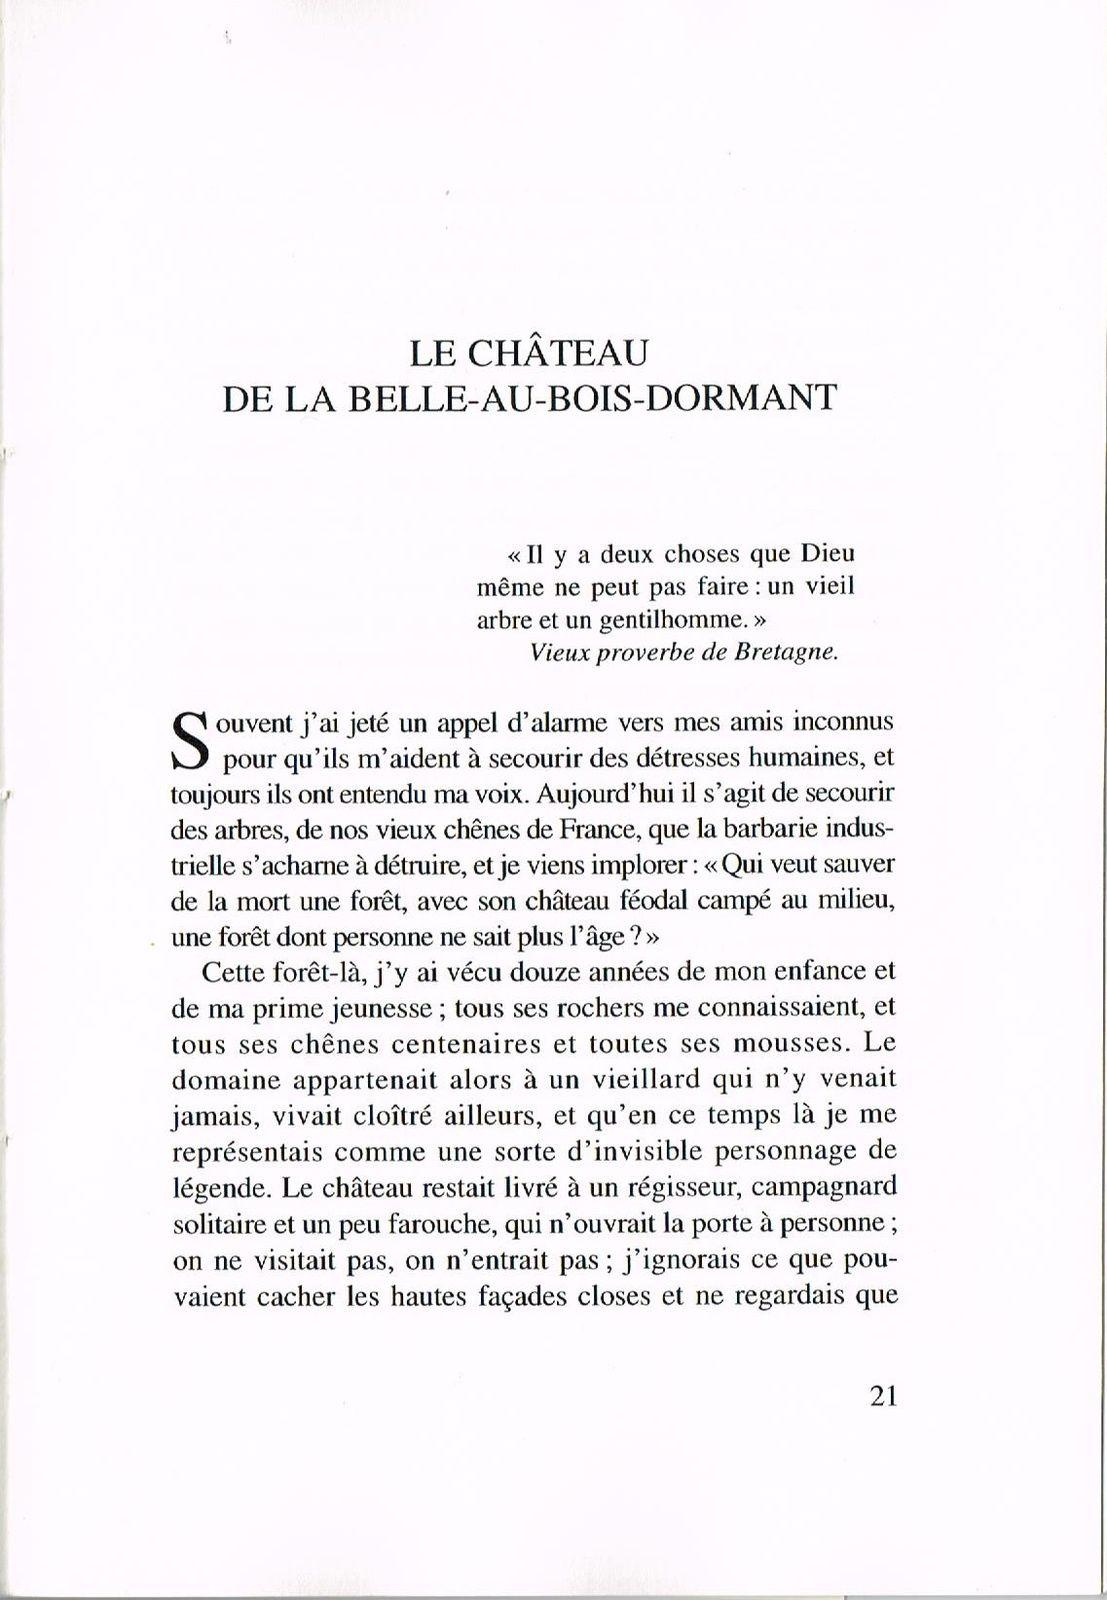 Pierre Loti: Le château de la Belle-au-bois-dormant. Ed. Rumeur des Âges, La Rochelle, 1993. Il s'agit du château de La Roche Courbon.